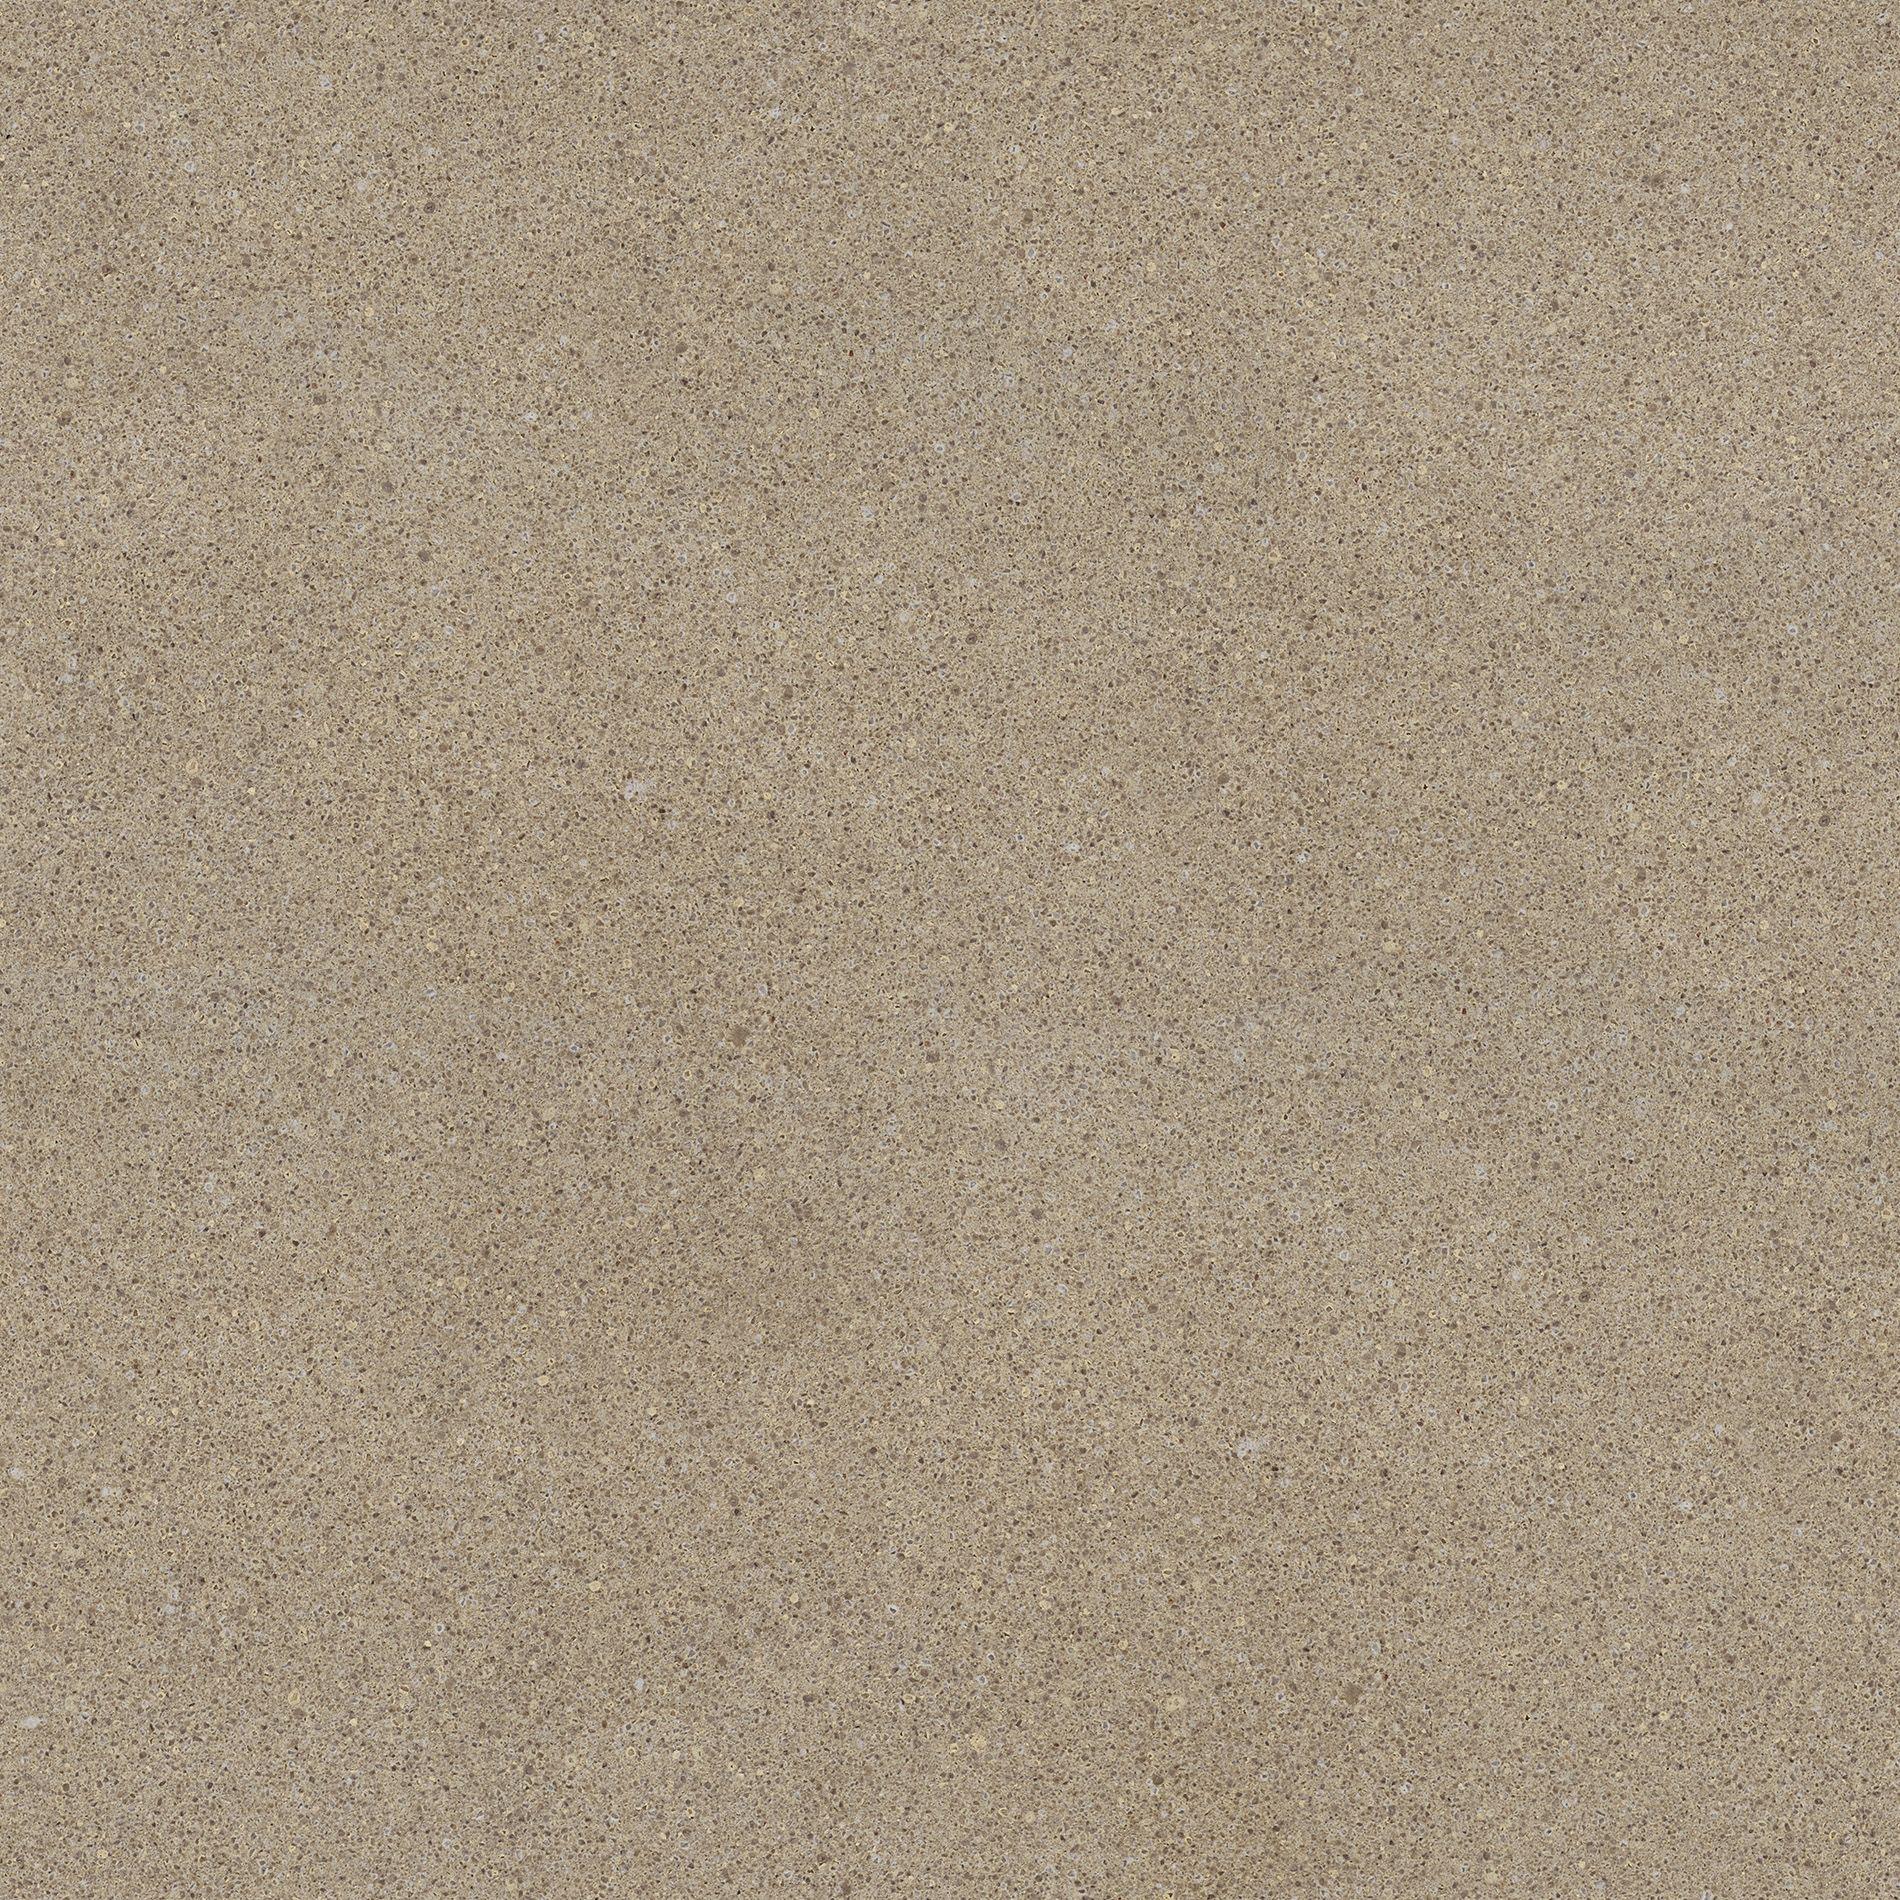 Hyde Park 4000x1900 Rgb 17v1 Quartz Countertops Cambria